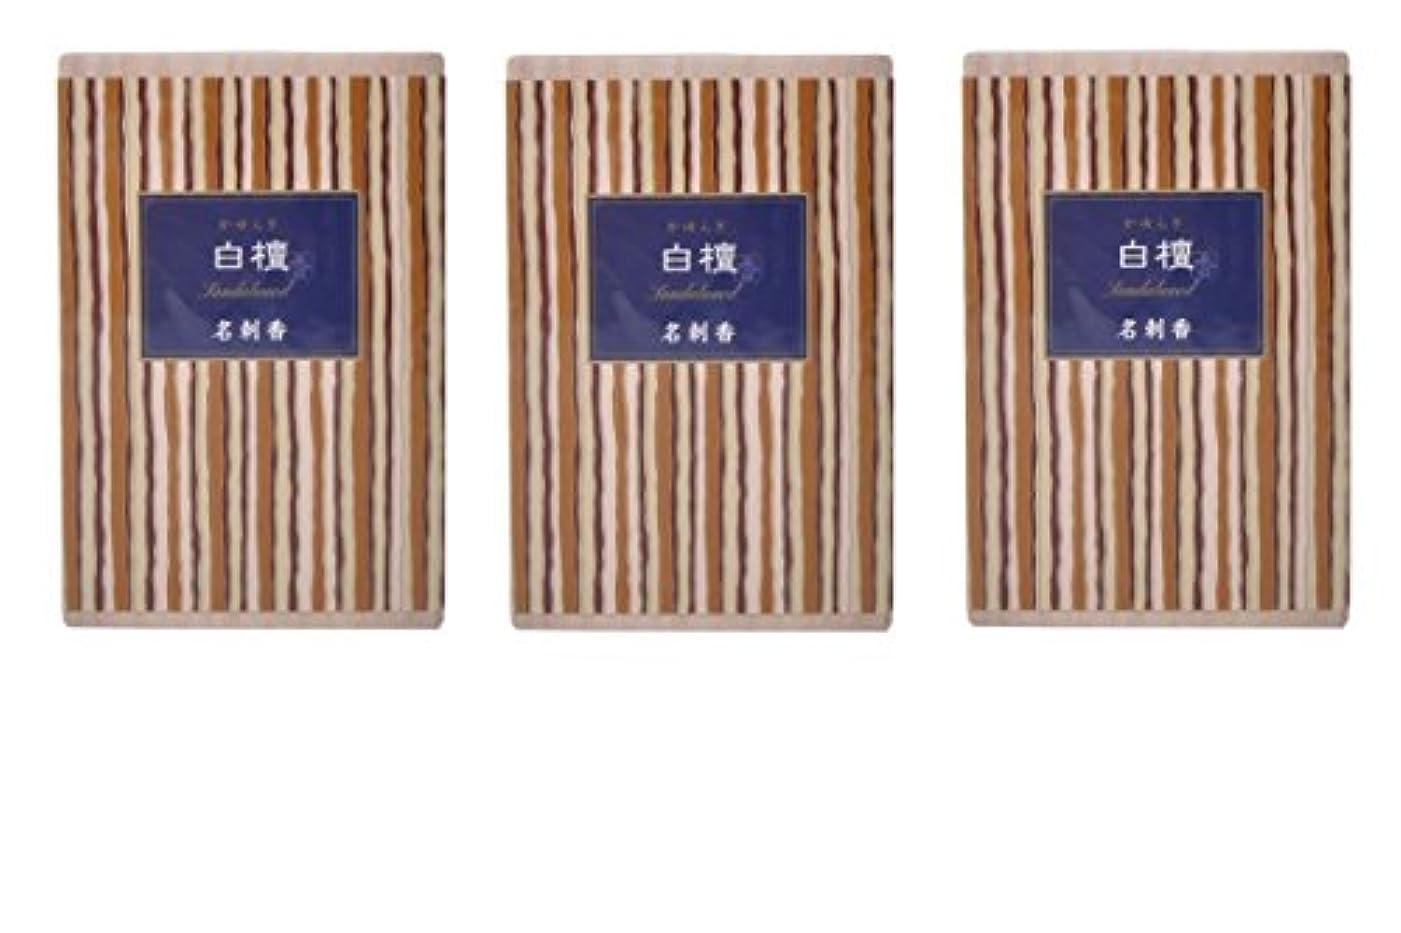 不機嫌ネックレスマリナー【まとめ買い】かゆらぎ 白檀 名刺香 桐箱 6入× 3個